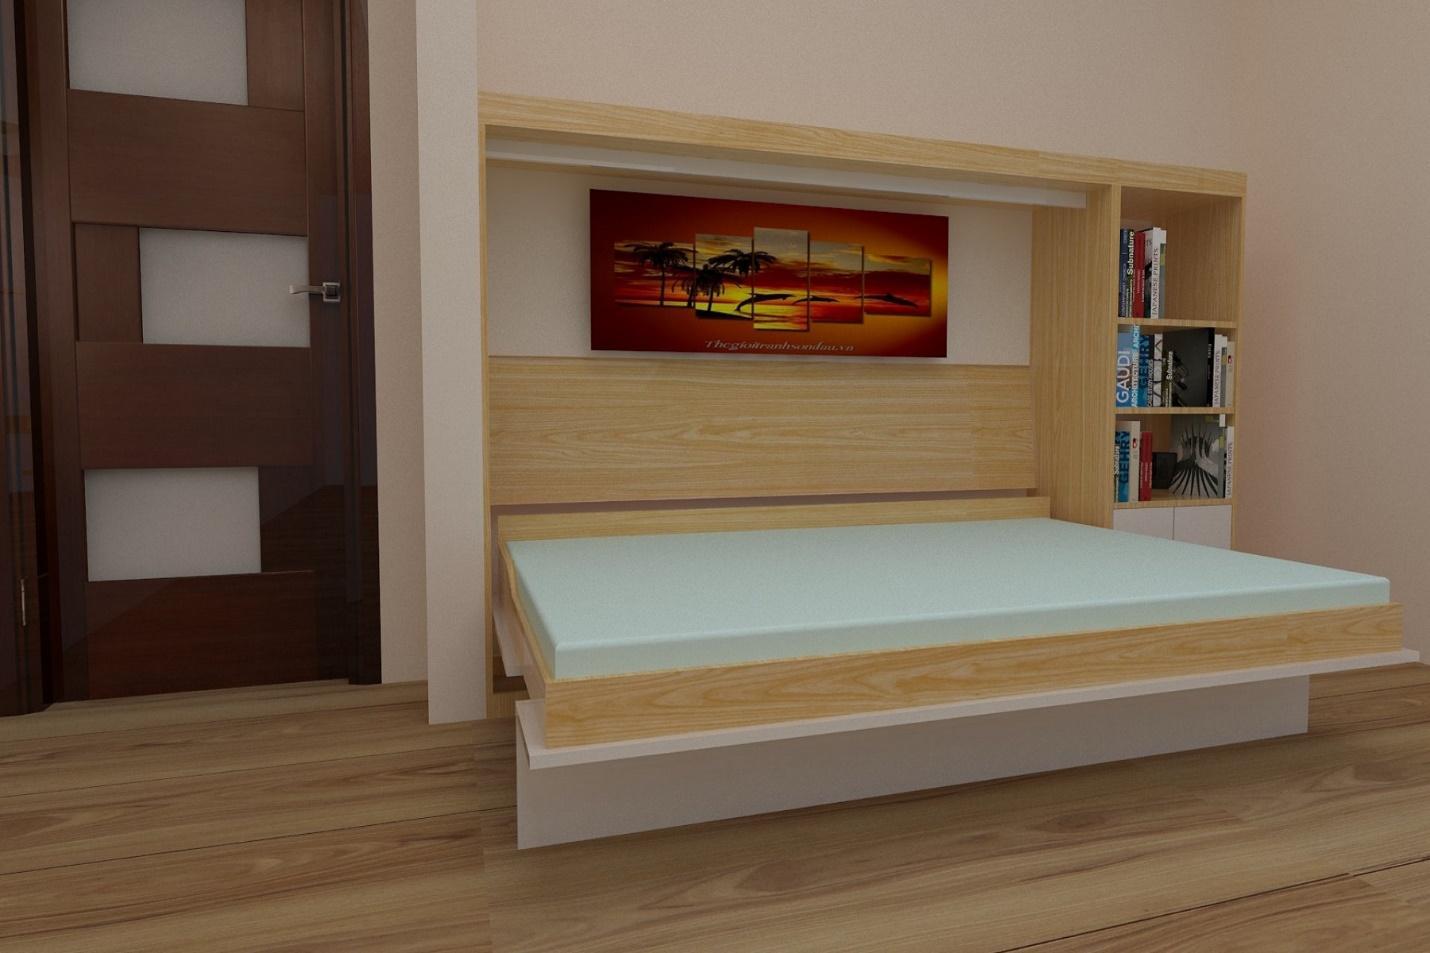 Giường gấp thông minh kết hợp nhiều tiện ích khác nhau